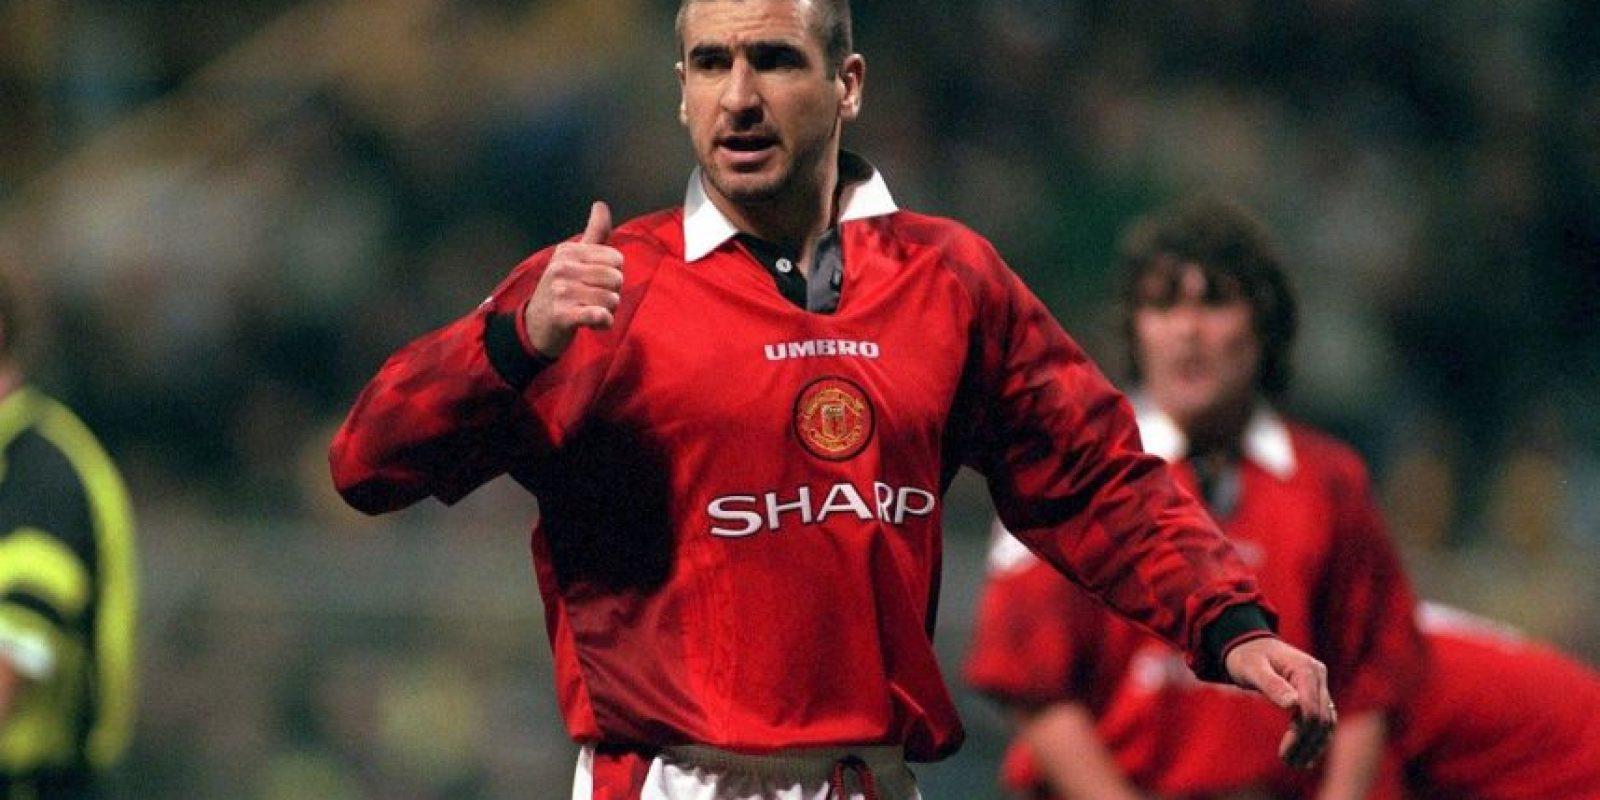 Ganó 4 Premier League con el Manchester United, además de 2 FA Cup. Foto:Getty Images